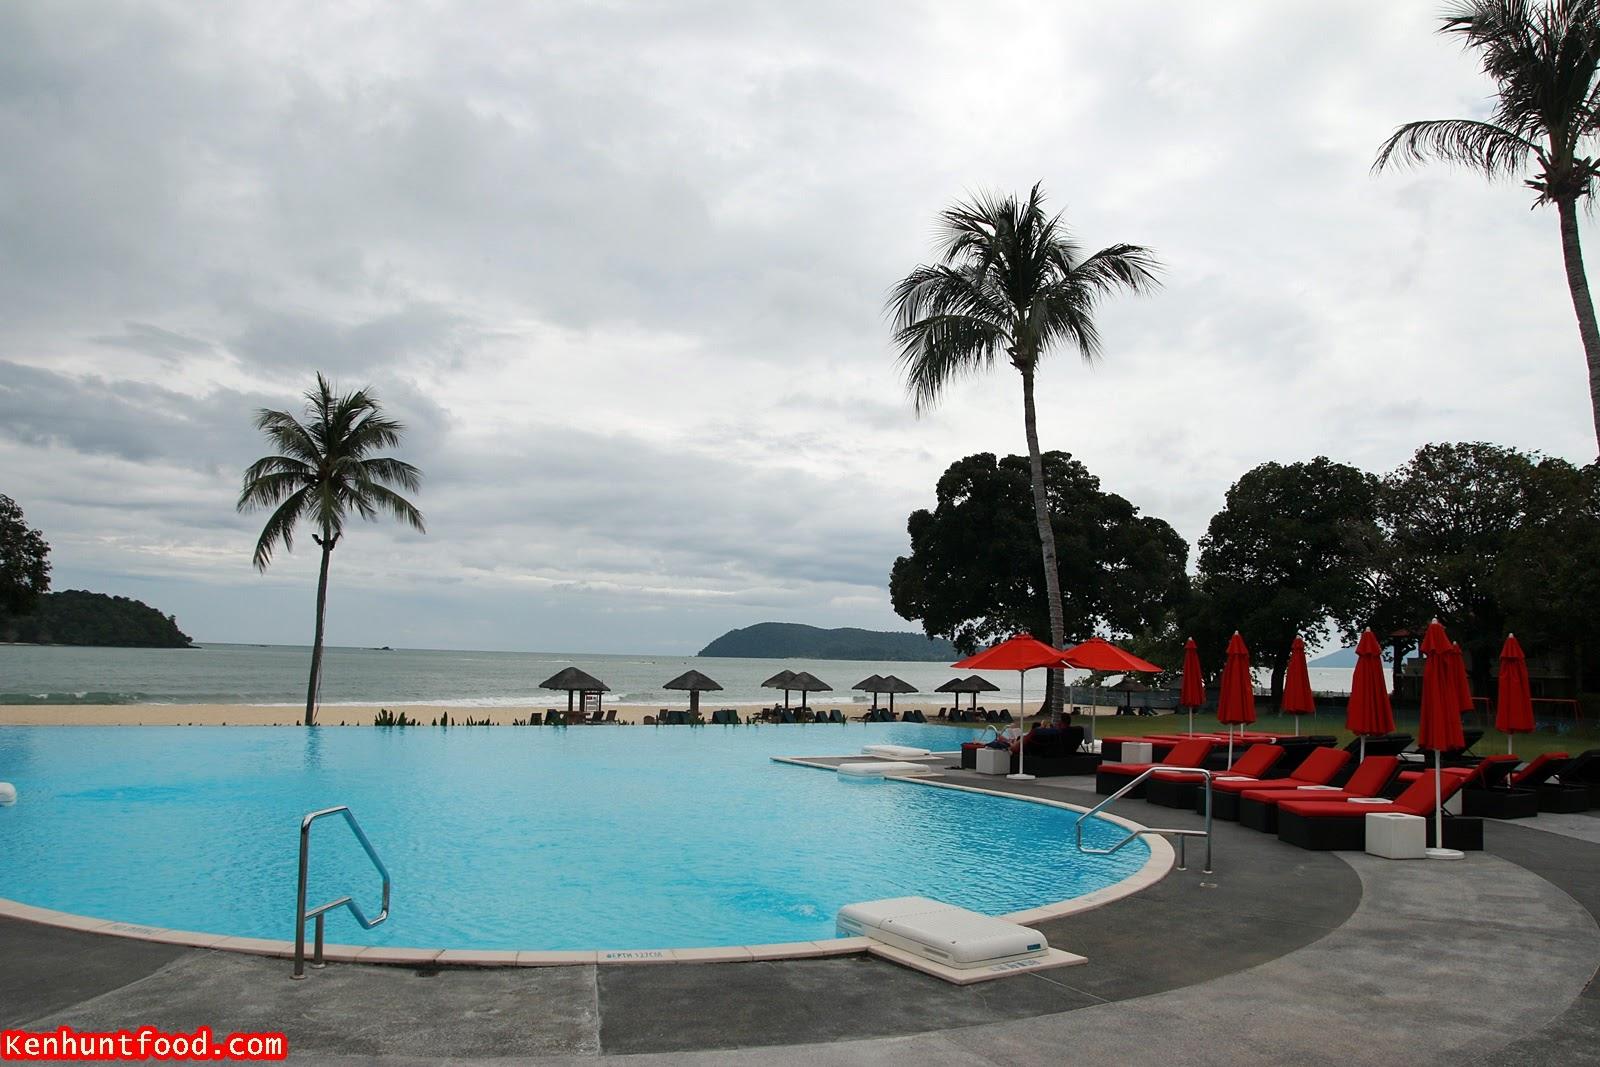 Holiday Villa Beach Resort Spa Langkawi Contact Number